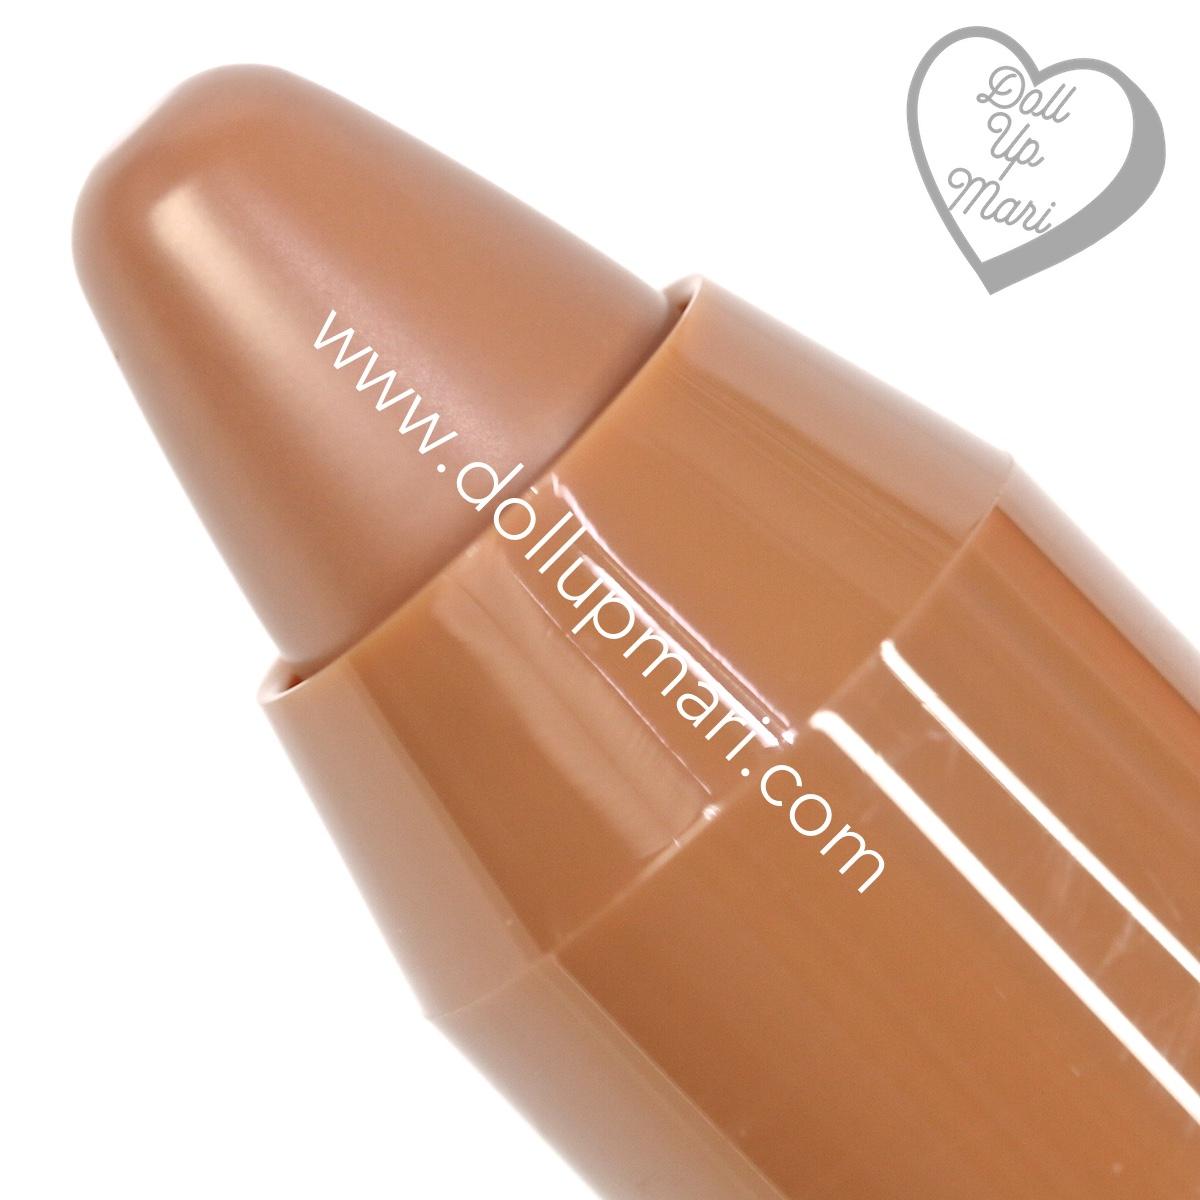 EB Advance Lip Define Matte Matic Lipstick Review Swatches